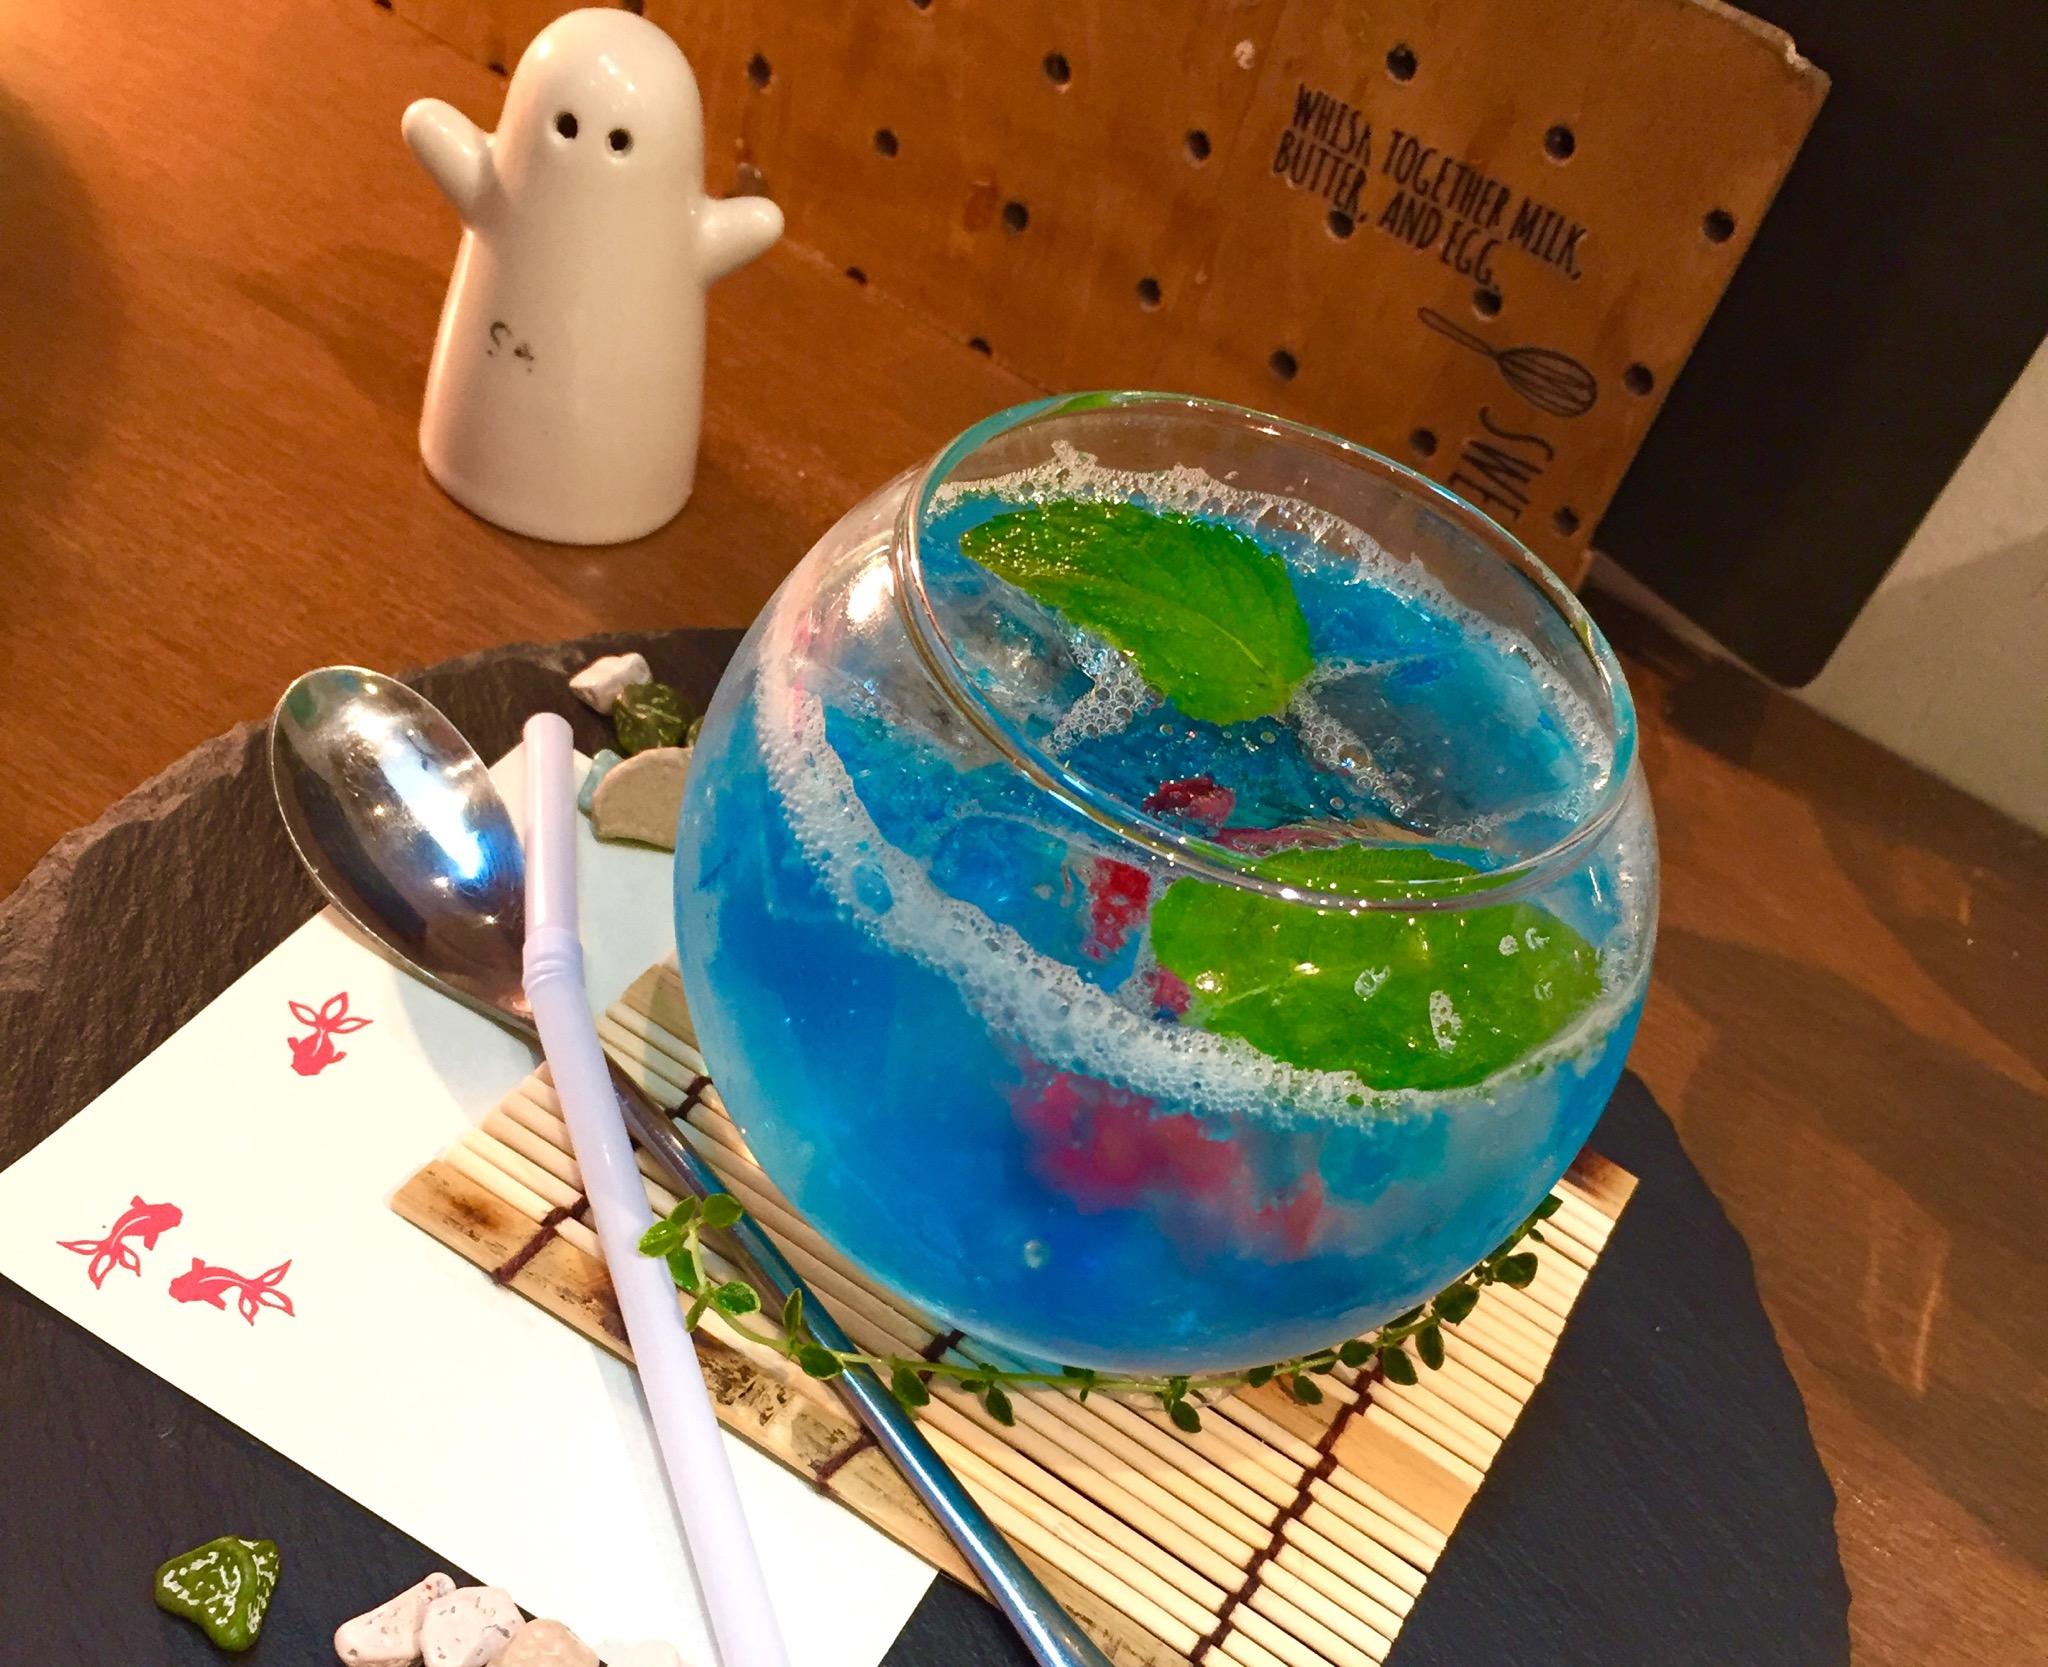 昭和区御器所|金魚鉢?フォトジェニックなスィーツやドリンクが楽めるカフェ♪